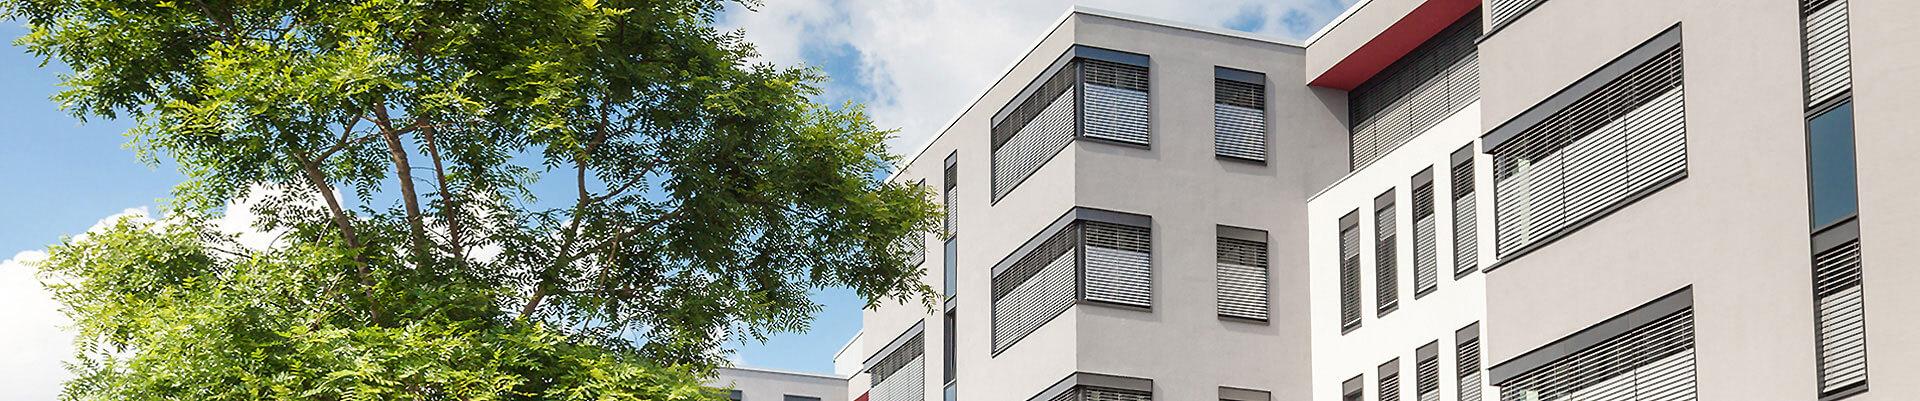 Verwaltung Immobilie